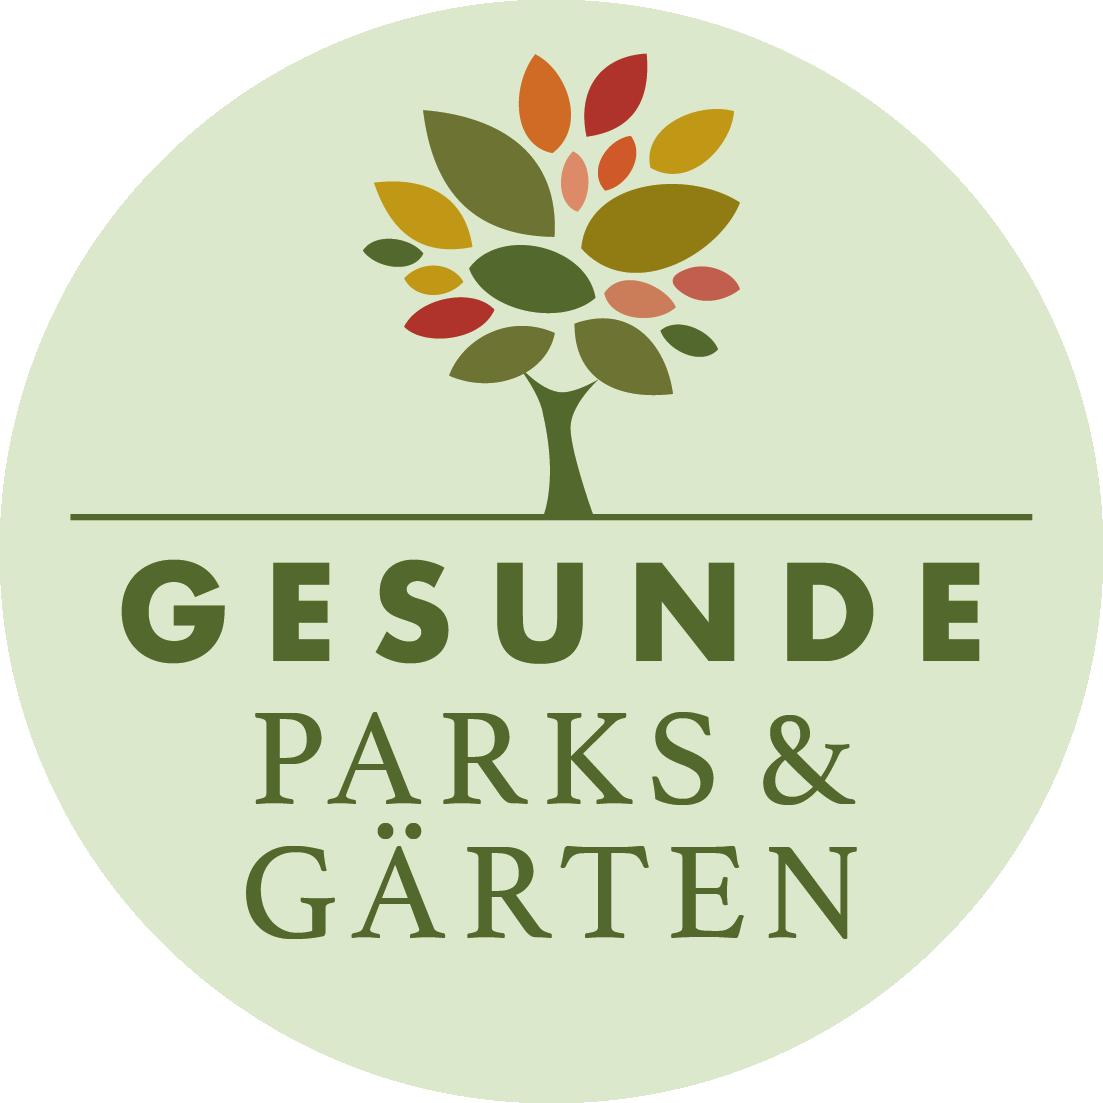 Gesunde Parks und Gärten